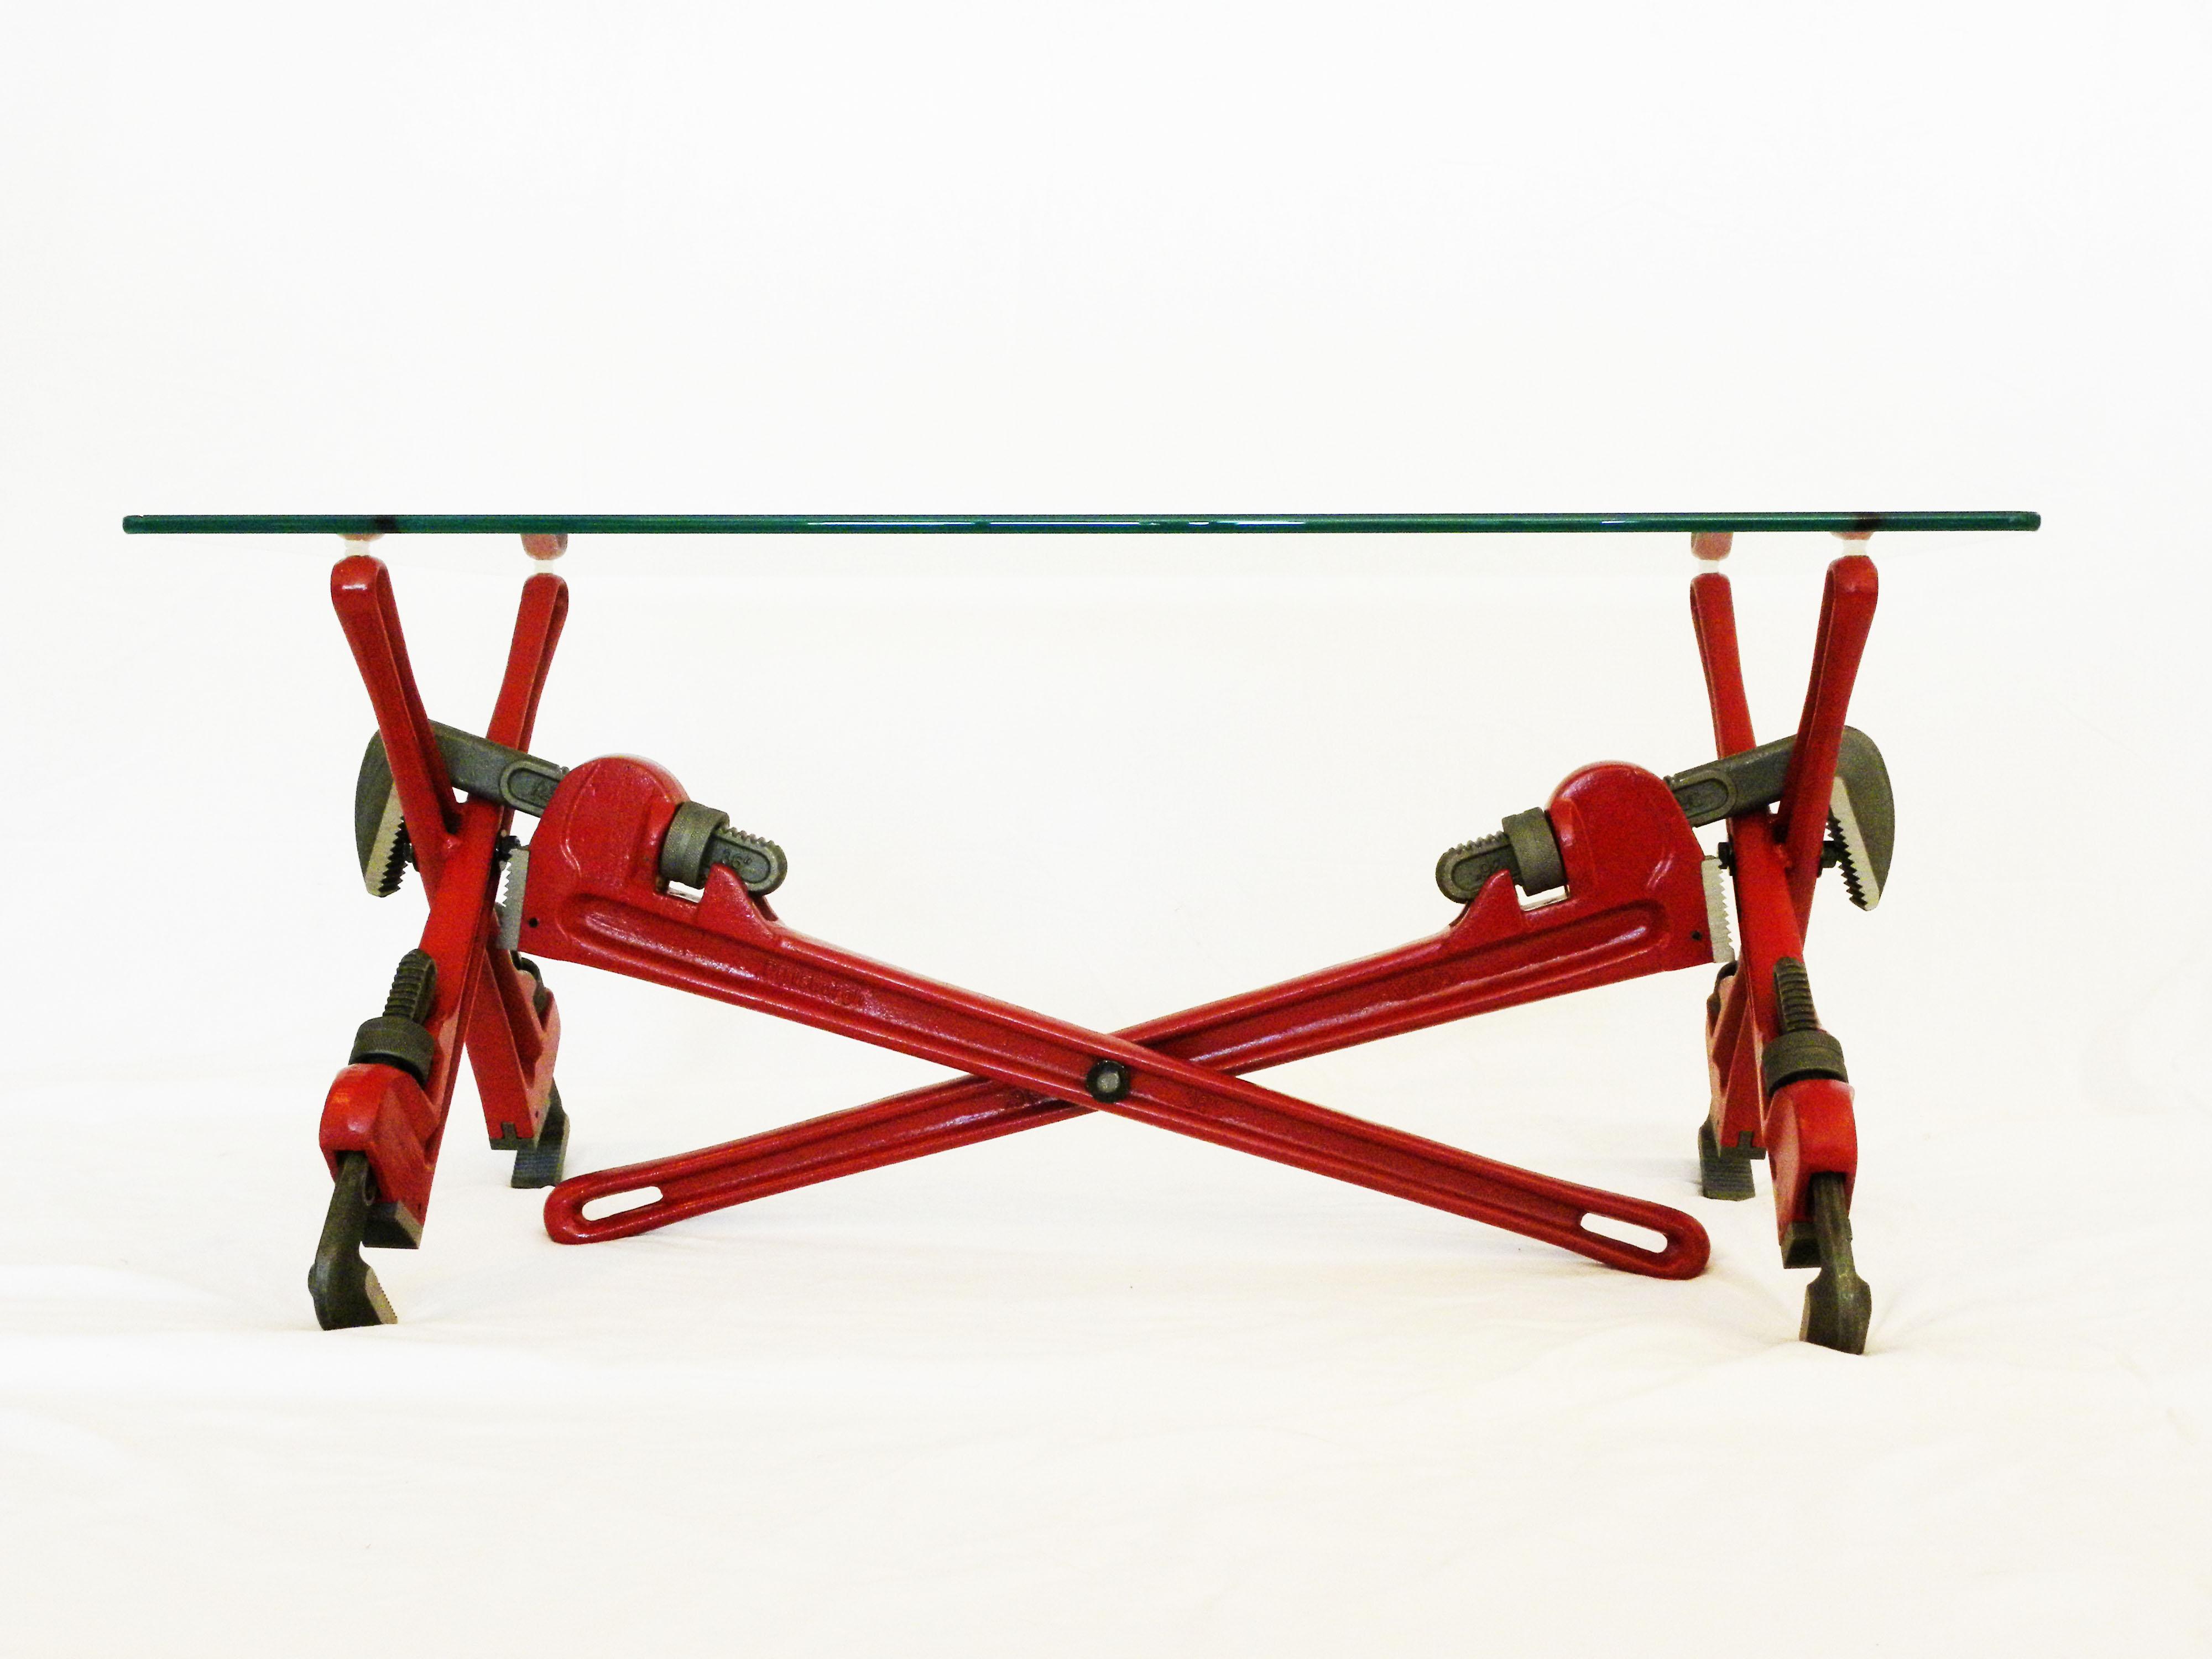 Подобные столики для гостиной, где ножки сделаны из ключей. А ножки